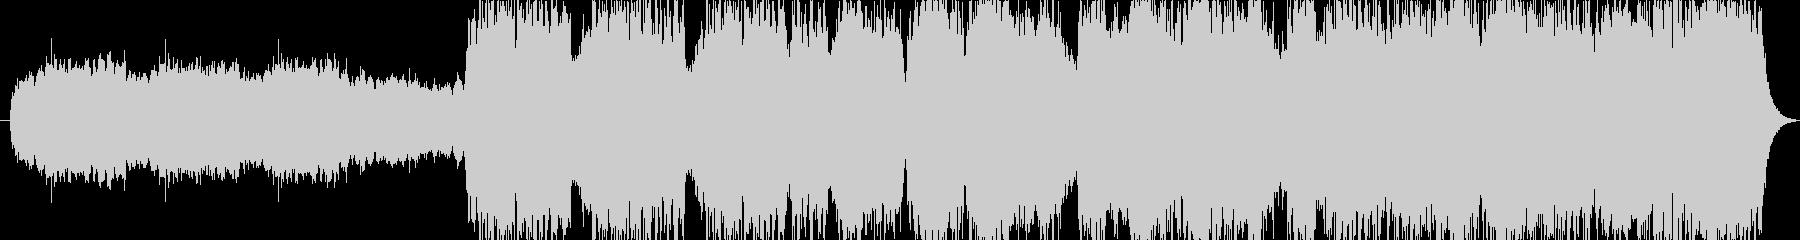 パイプオルガンが鳴り響く、荘厳な曲の未再生の波形